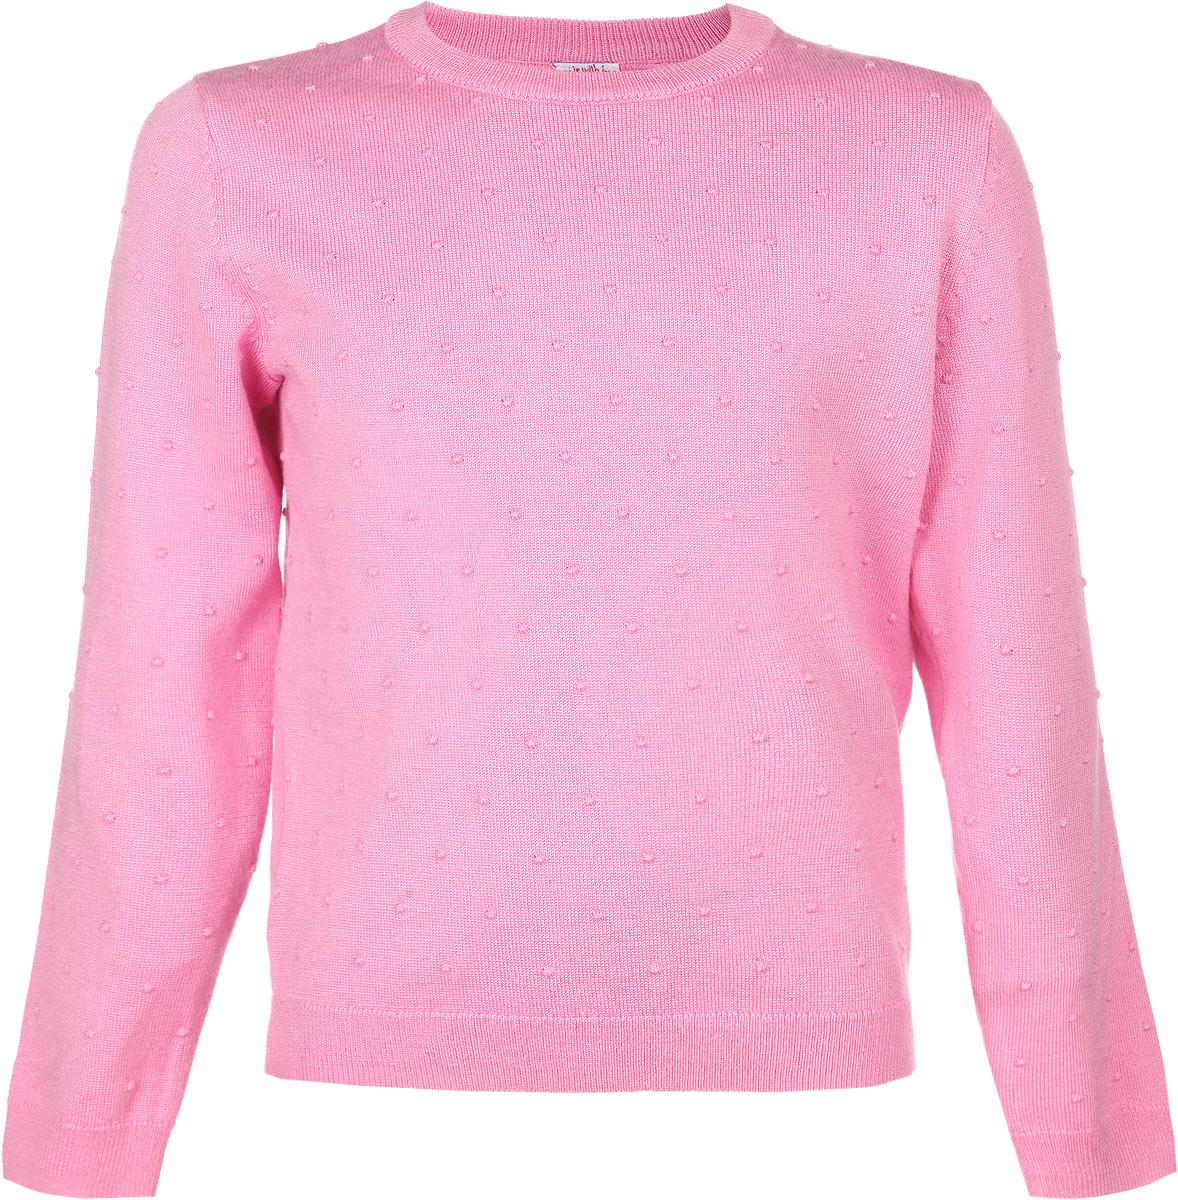 Джемпер для девочки Sela, цвет: светло-розовый. JR-514/144-6131. Размер 92, 2 годаJR-514/144-6131Джемпер для девочки Sela идеально подойдет вашей маленькой моднице. Изготовленный из вискозы с добавлением нейлона, он необычайно мягкий и приятный на ощупь, не сковывает движения, обеспечивая наибольший комфорт. Модель с длинными рукавами и круглым вырезом горловины оформлена рельефным узором. Вырез горловины, низ джемпера и рукава дополнены трикотажной эластичной резинкой. Современный дизайн и расцветка делают этот джемпер модным и стильным предметом детского гардероба. В нем ваша дочурка будет чувствовать себя уютно, комфортно и всегда будет в центре внимания!